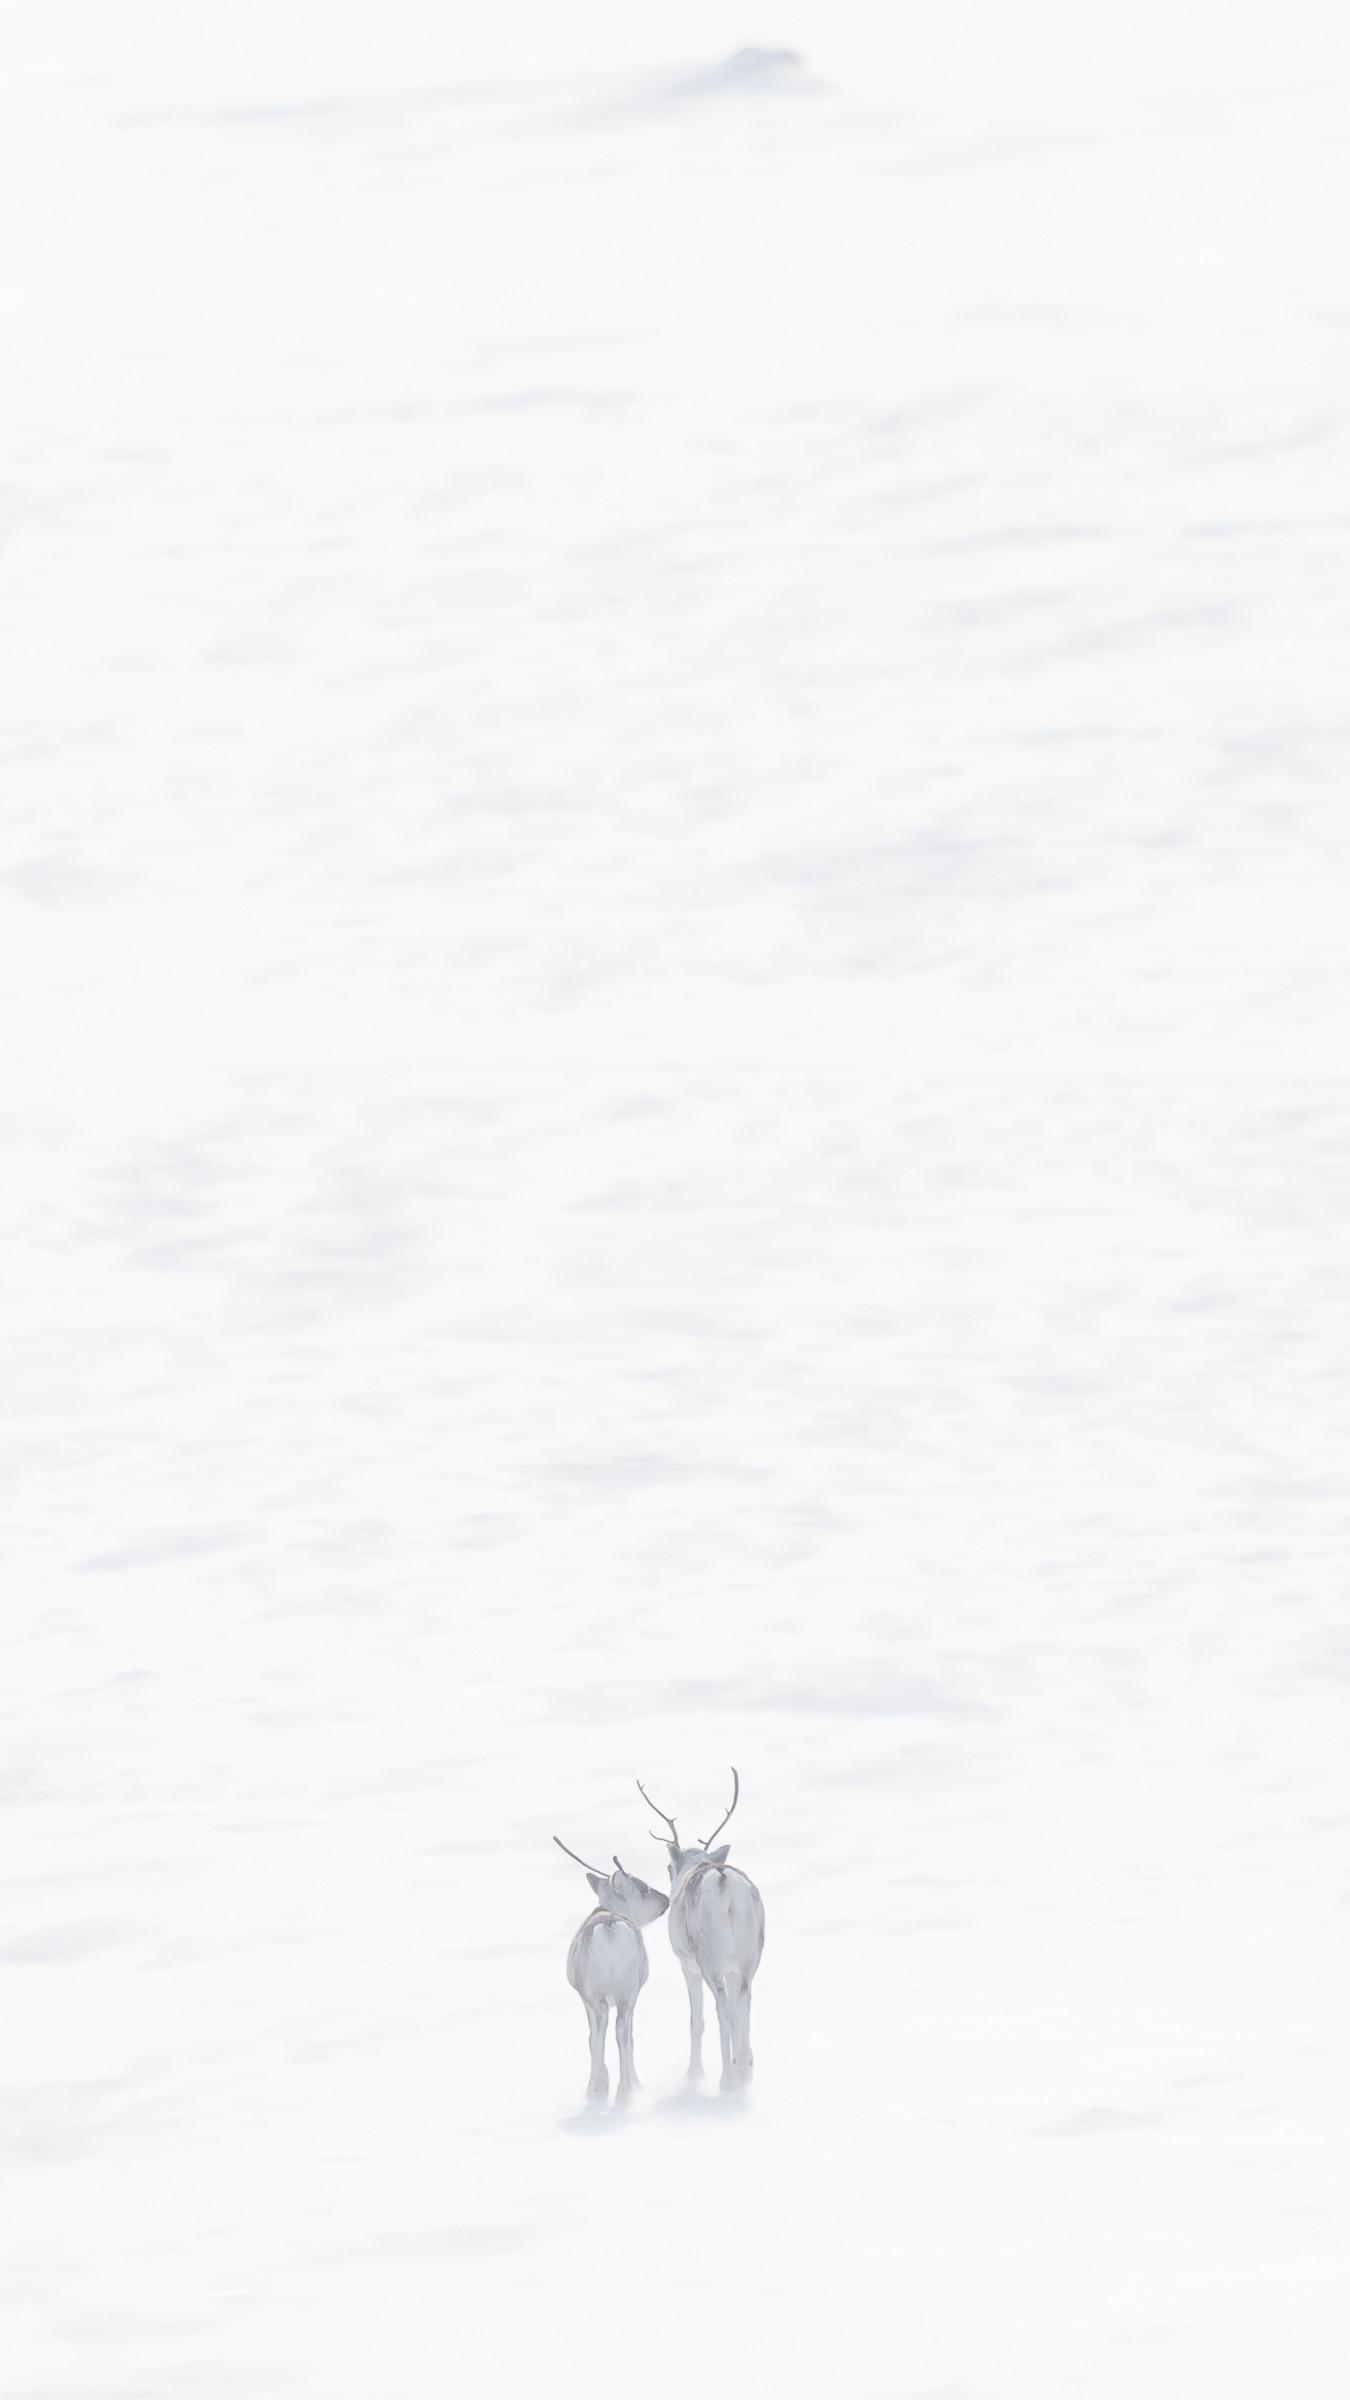 wildlife europa 9535